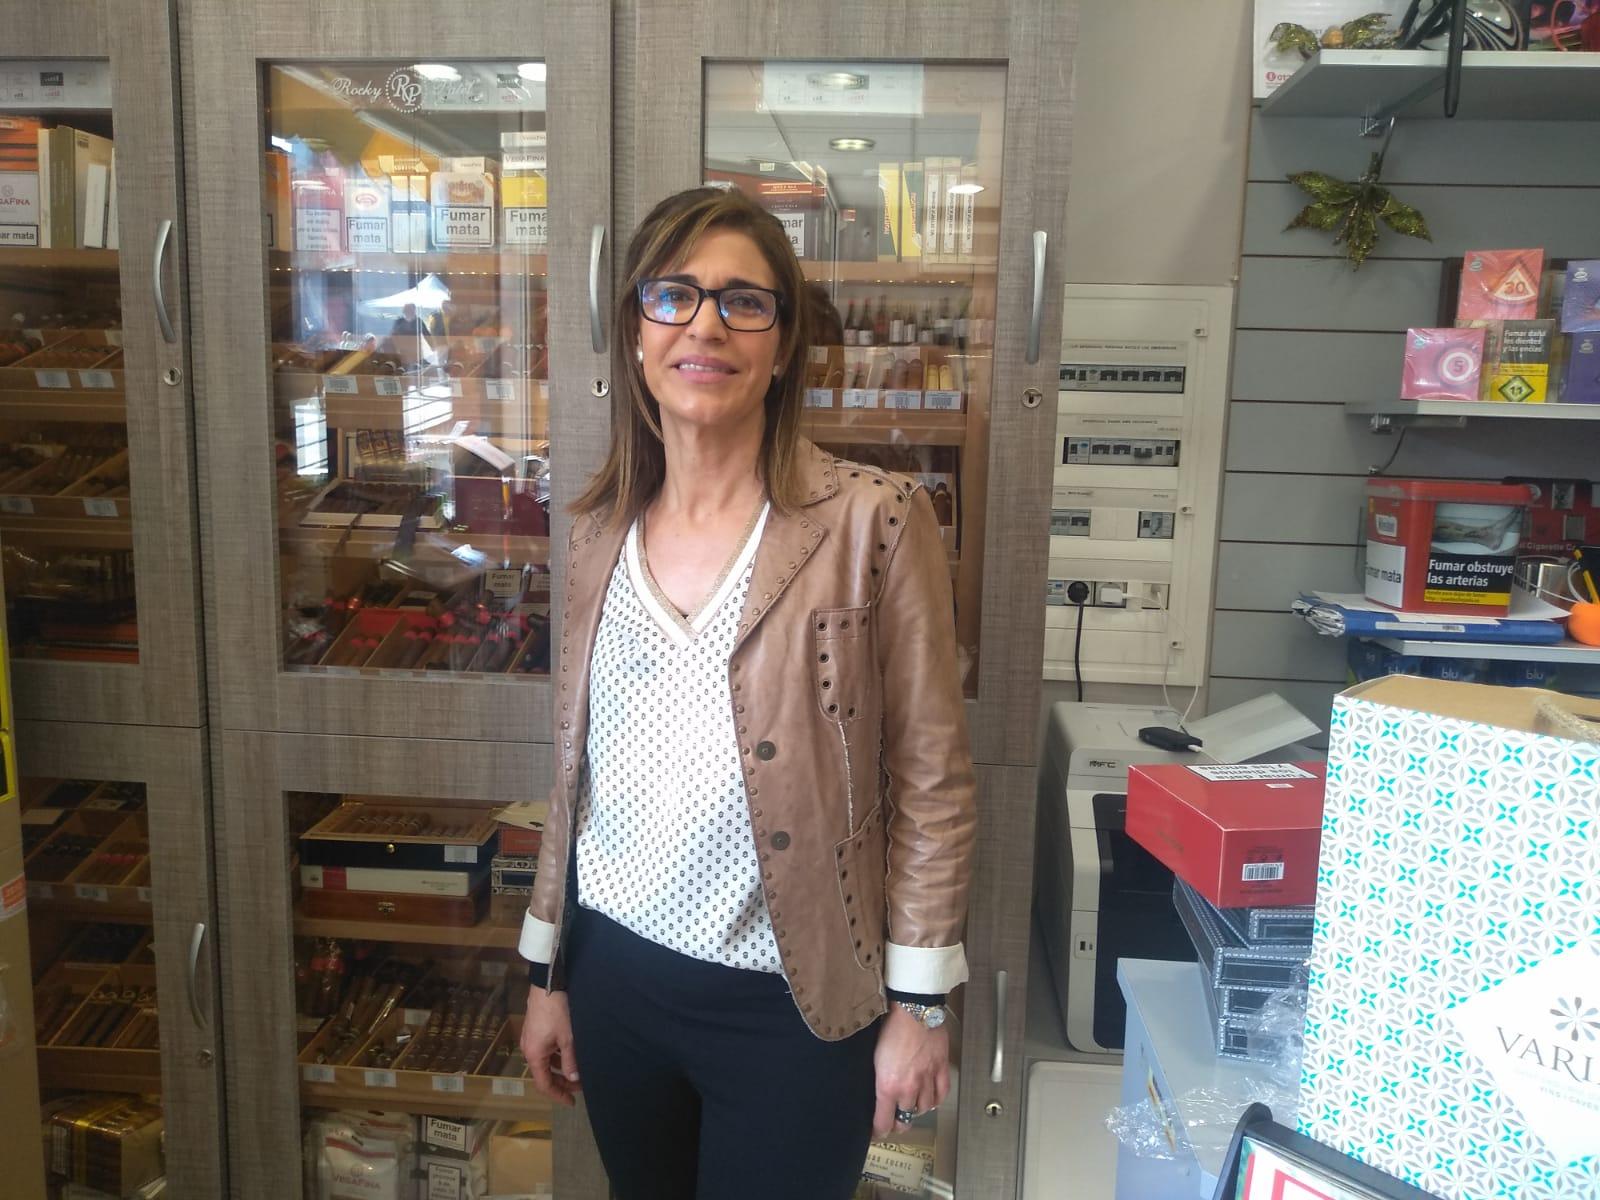 Entrevista Yolanda Gabarró Estanc La Roca